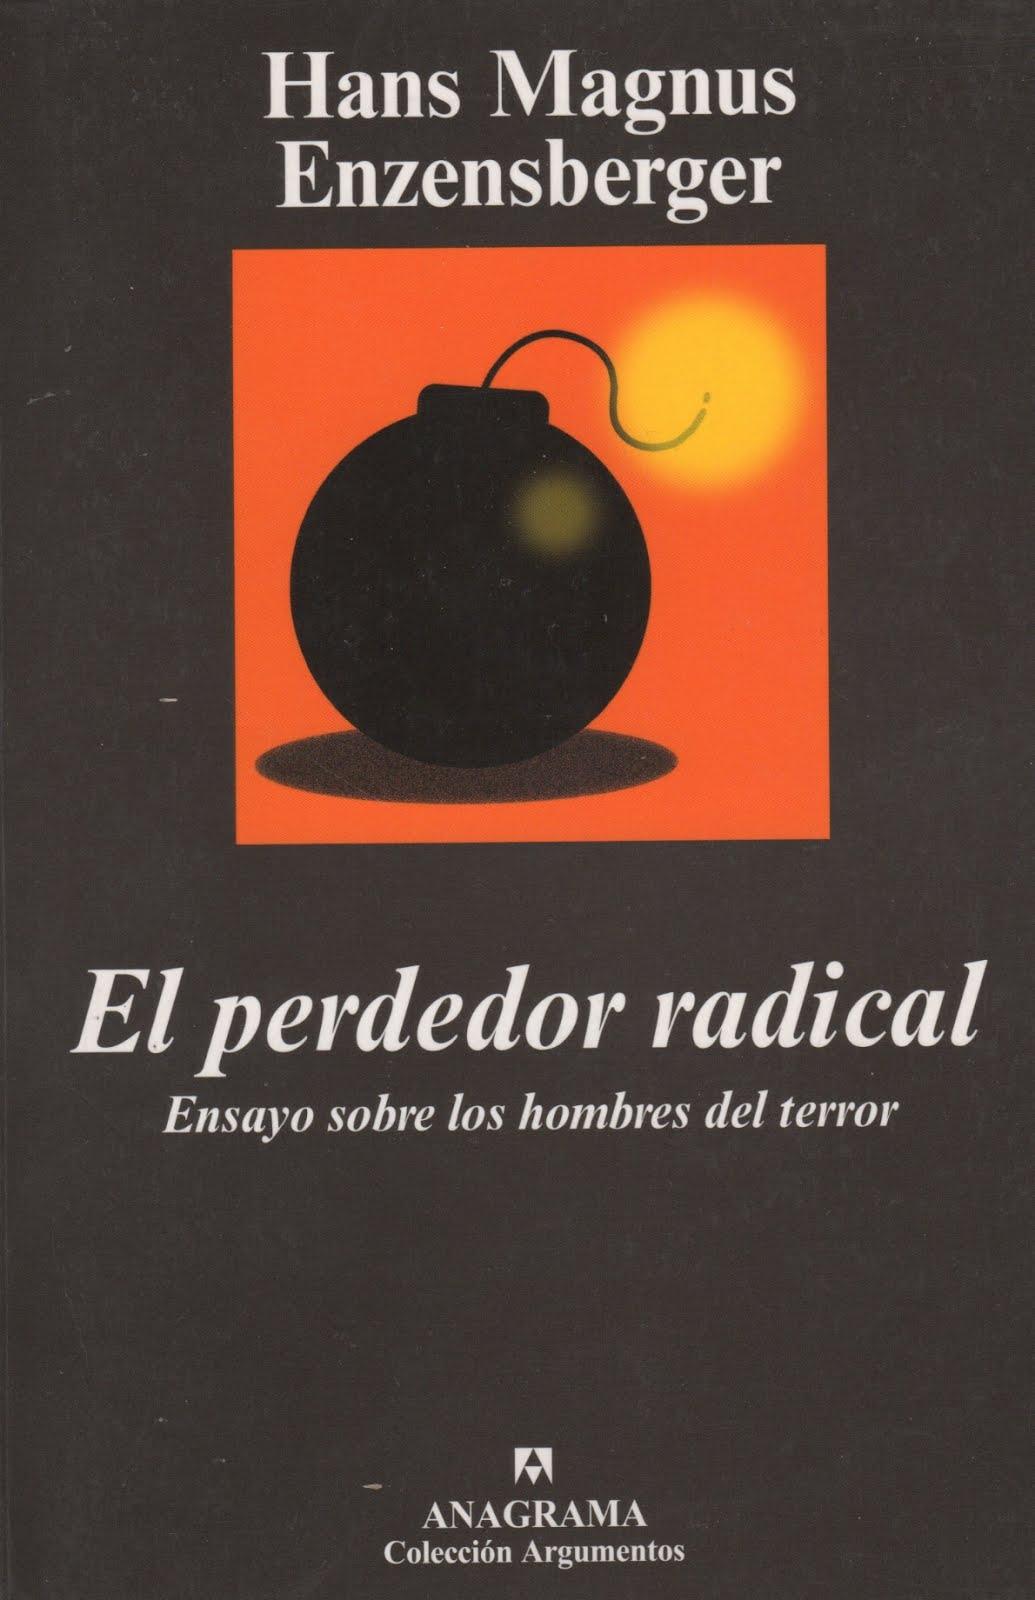 Hans Magnus Enzensberger (El perdedor radical) Ensayo sobre los hombres del terror